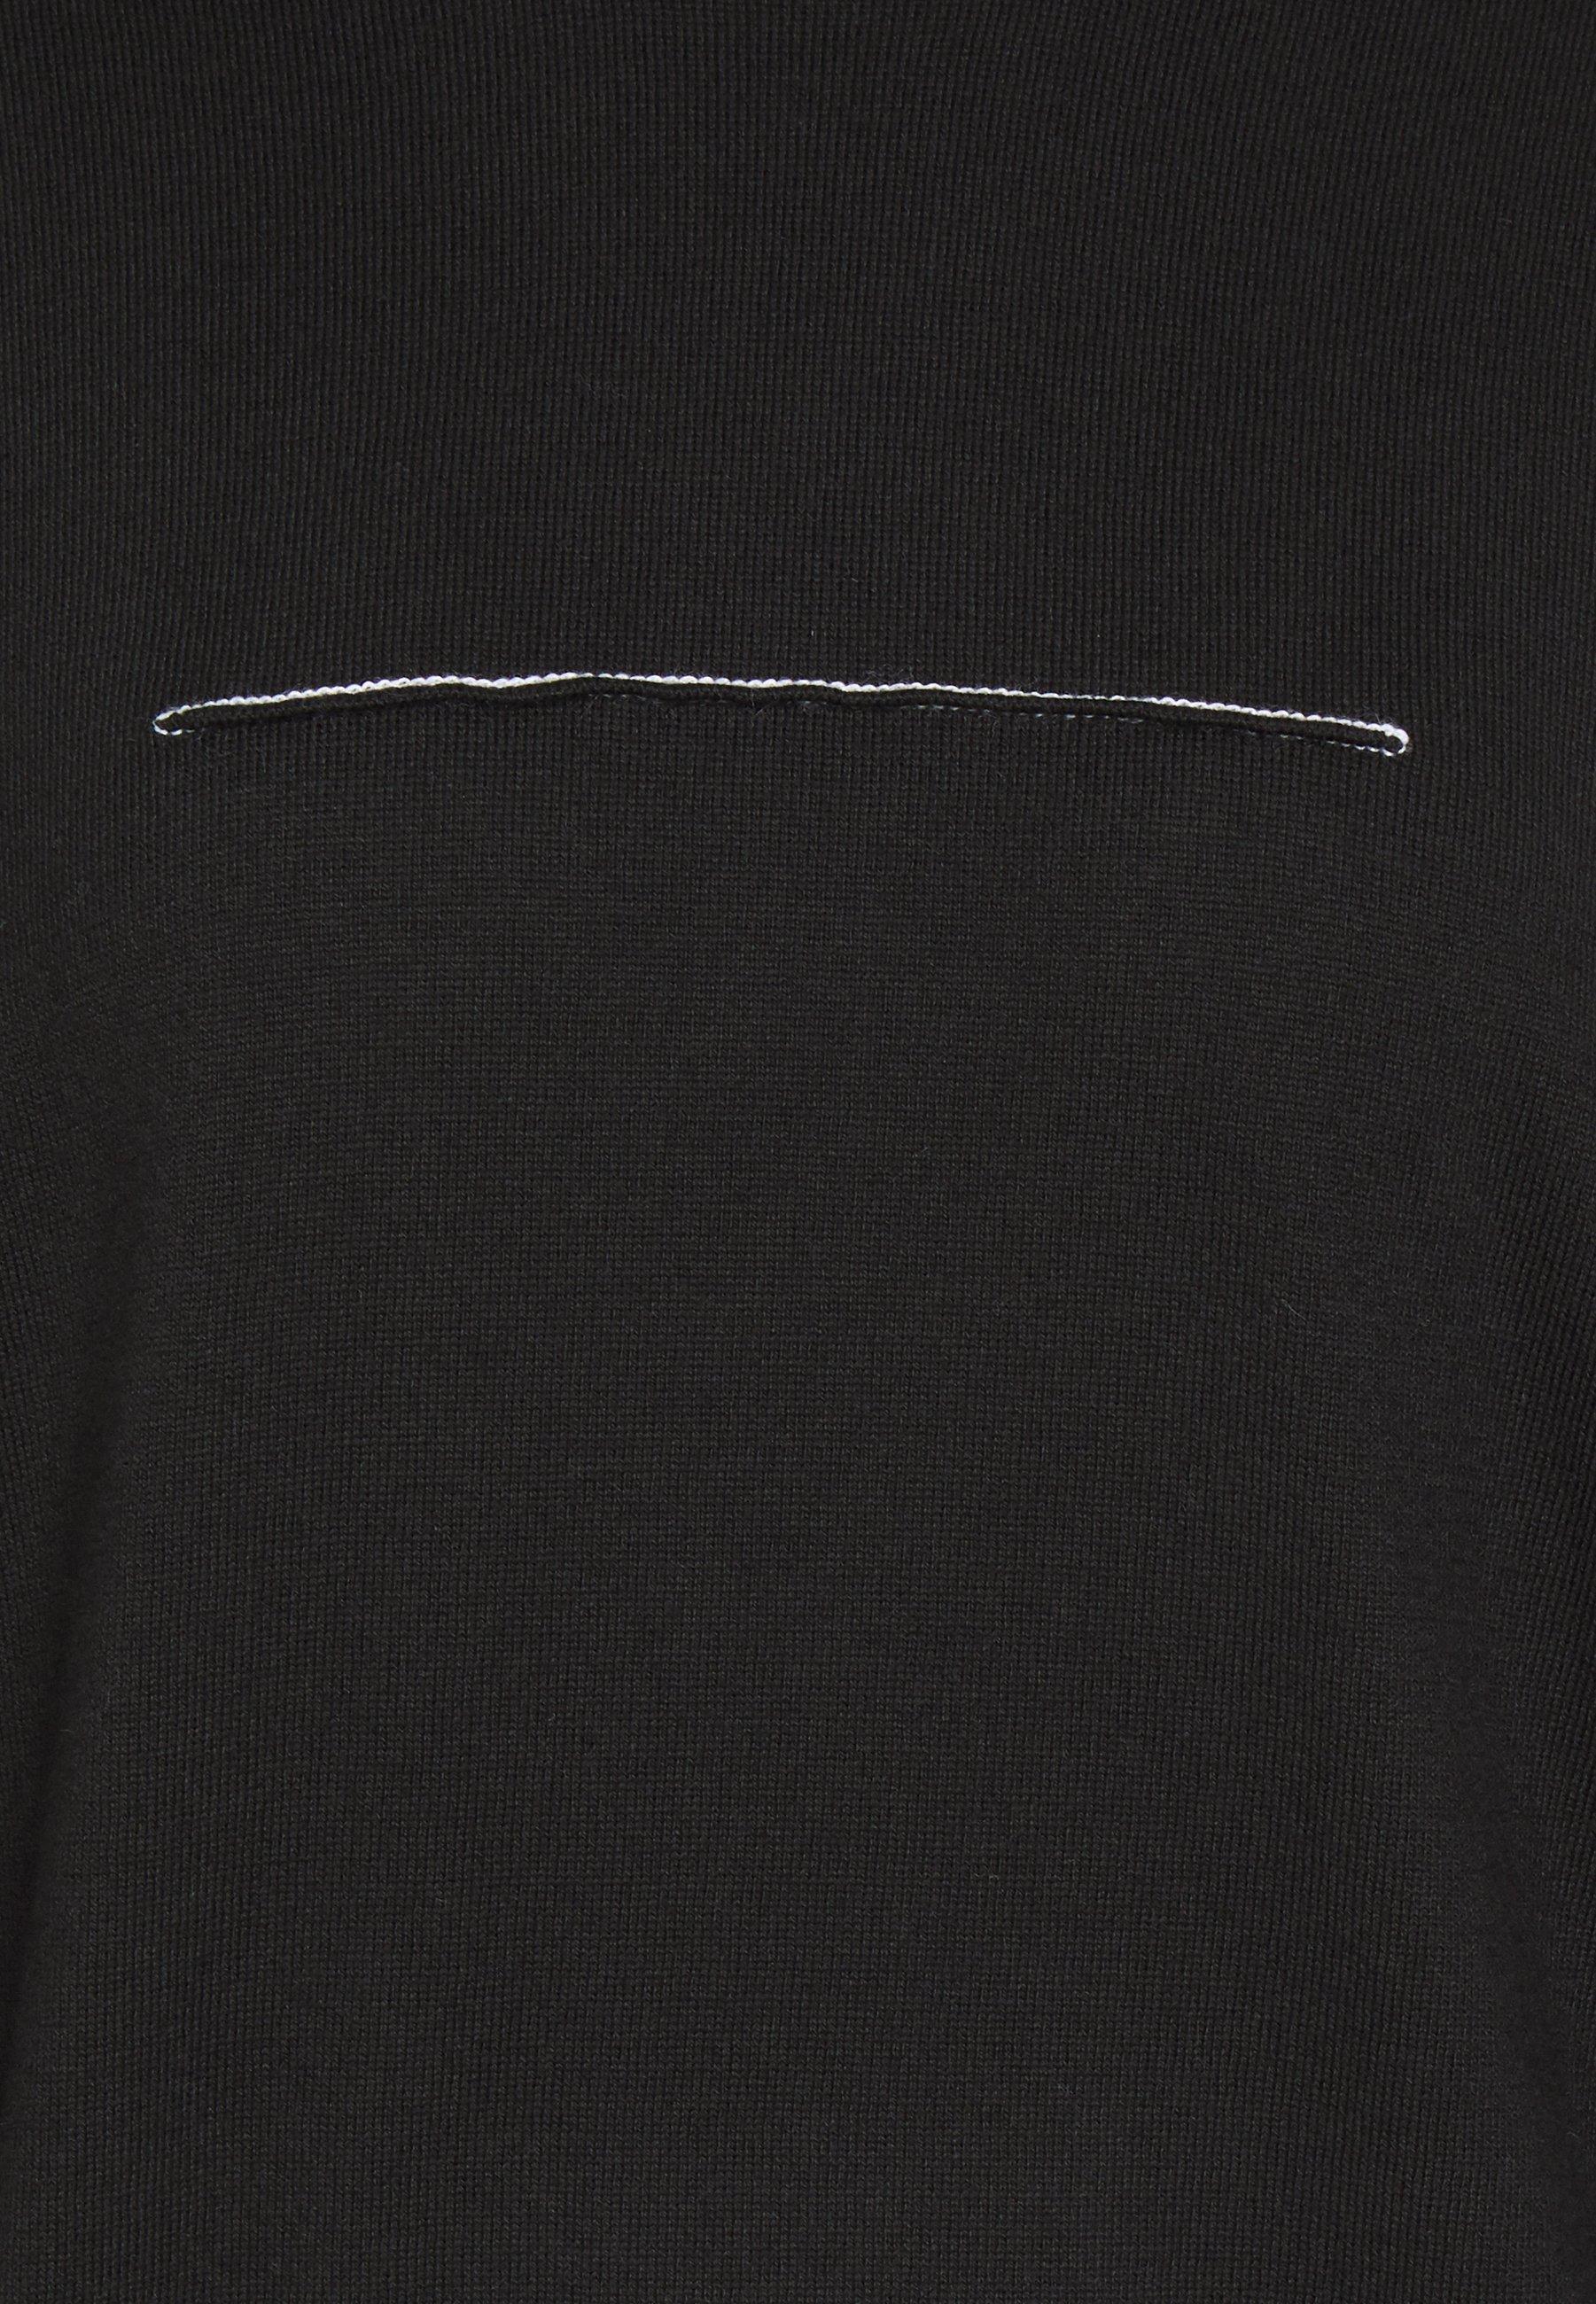 MM6 Maison Margiela Trui - black - Dames jas Actueel